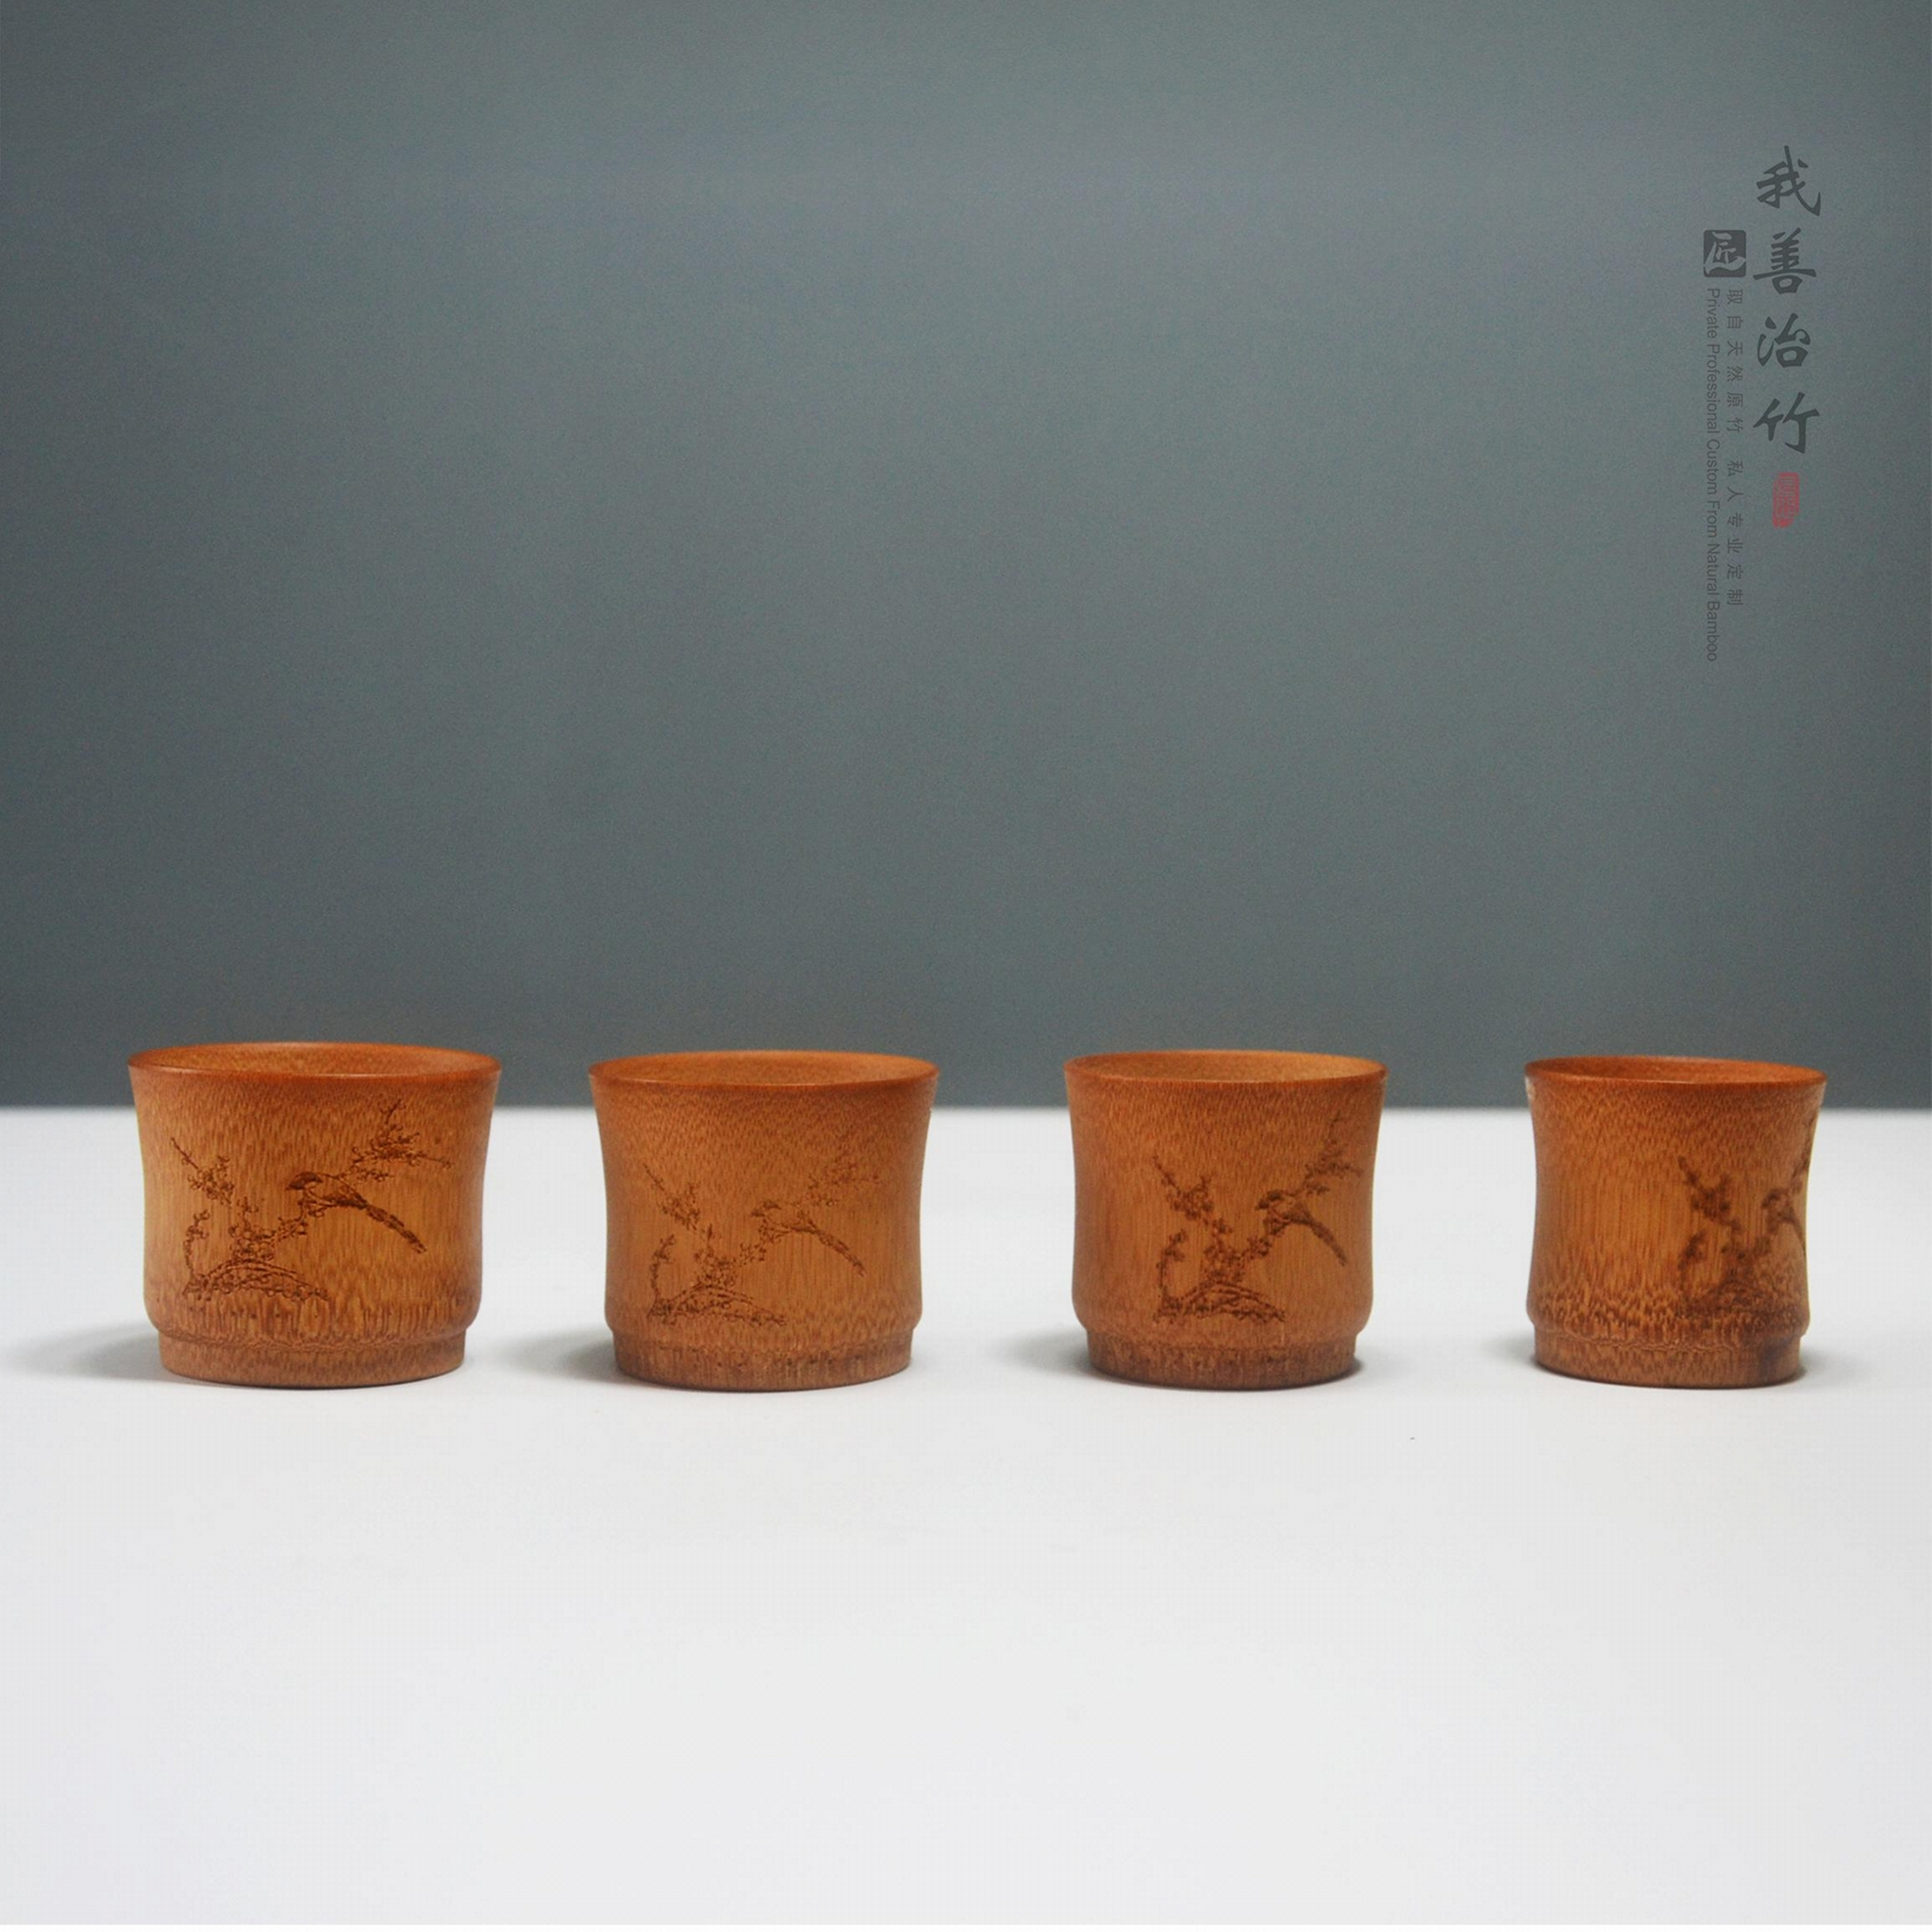 天然竹杯茶杯酒杯水杯茶具酒具 4